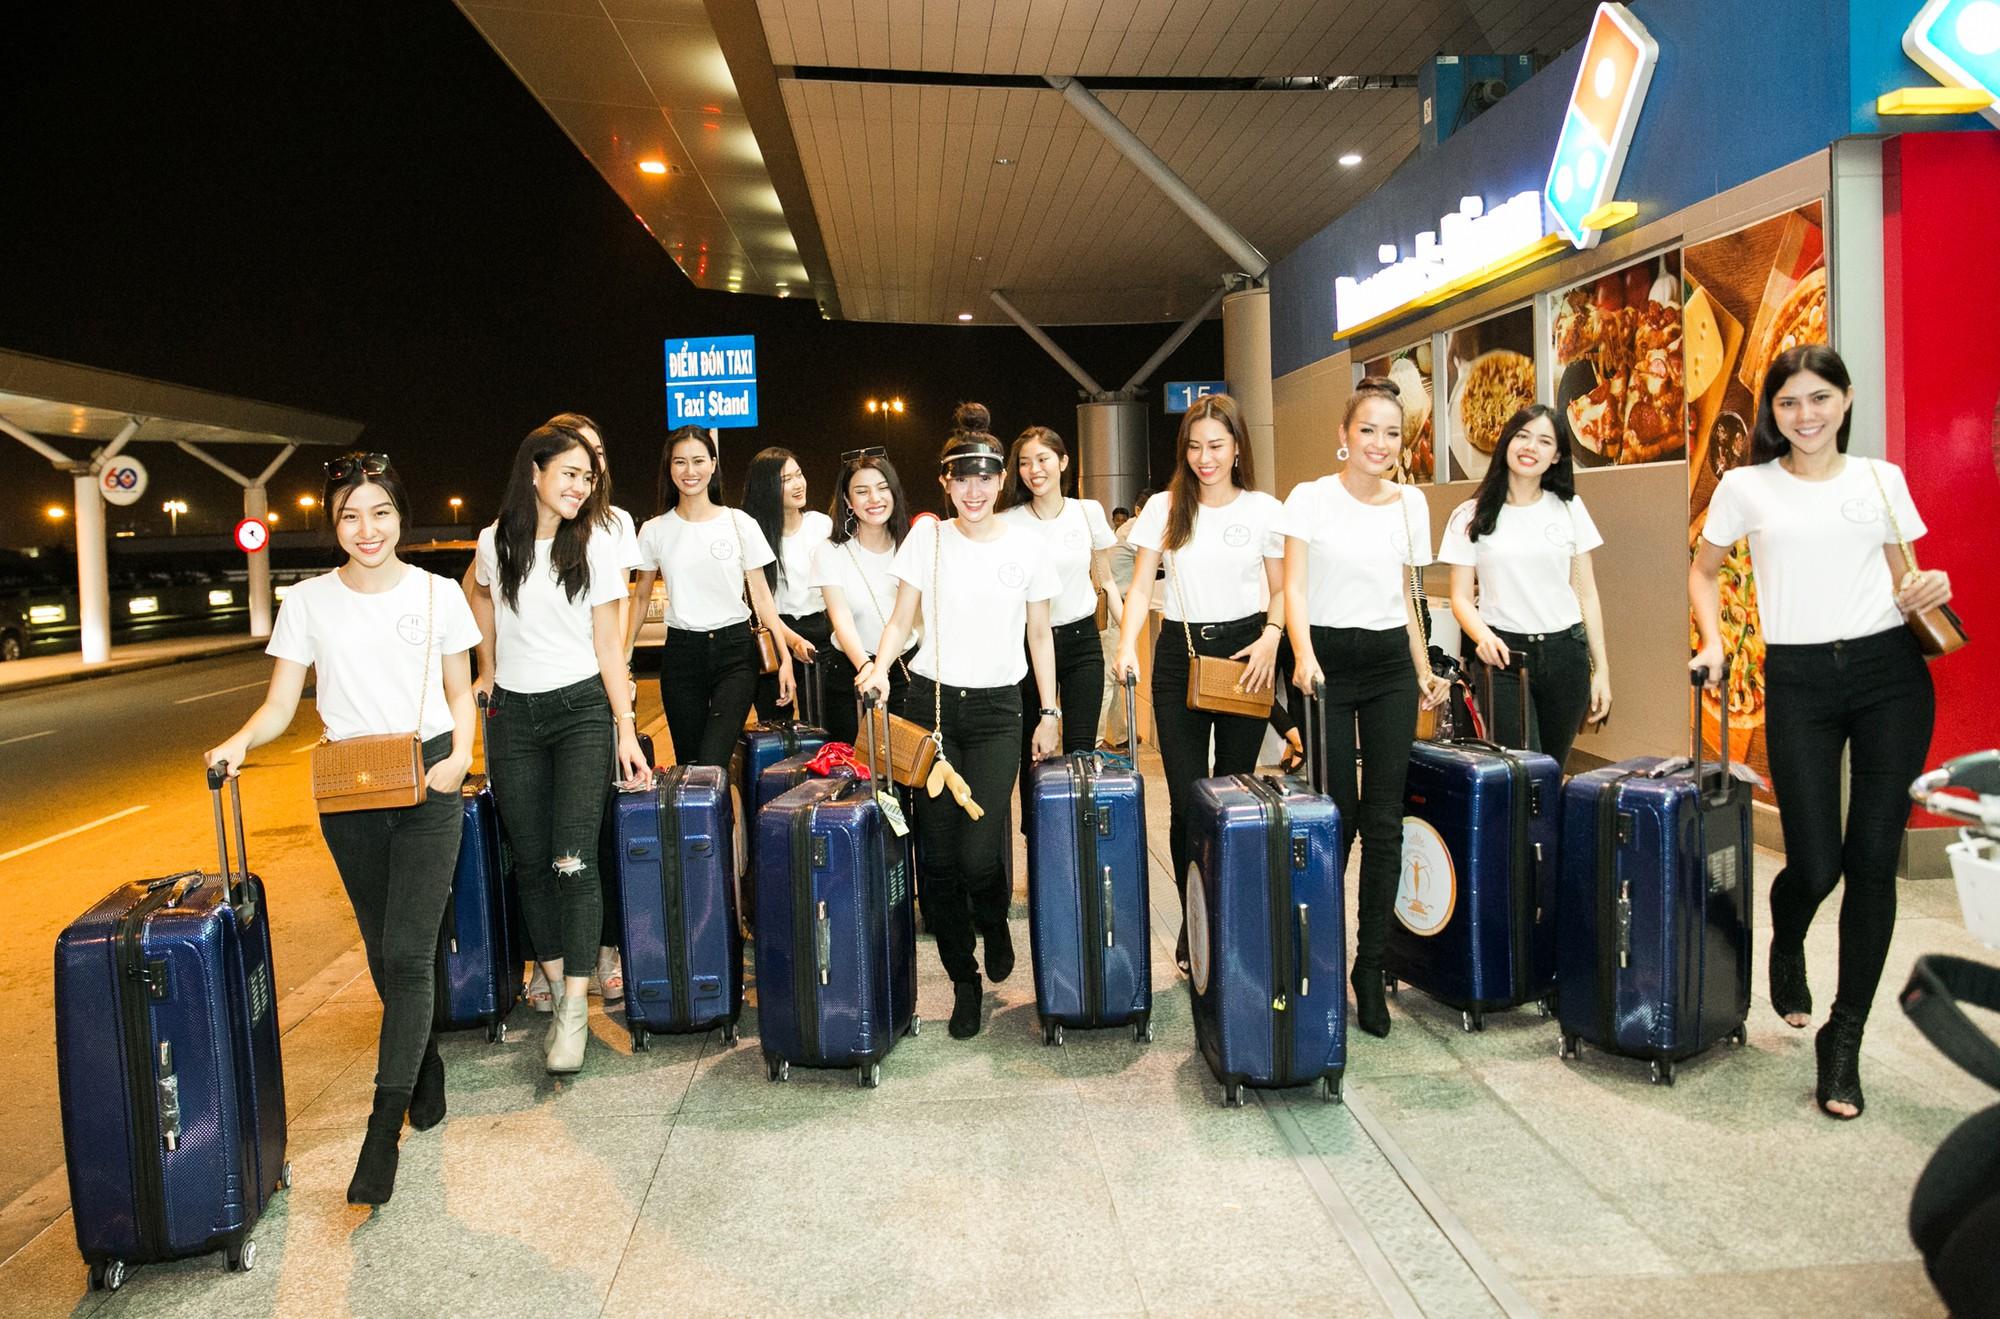 Minh Tú diện style khoẻ khoắn, cùng dàn thí sinh Miss Supranational Vietnam 2018 sang Hàn chuẩn bị đêm chung kết - Ảnh 5.